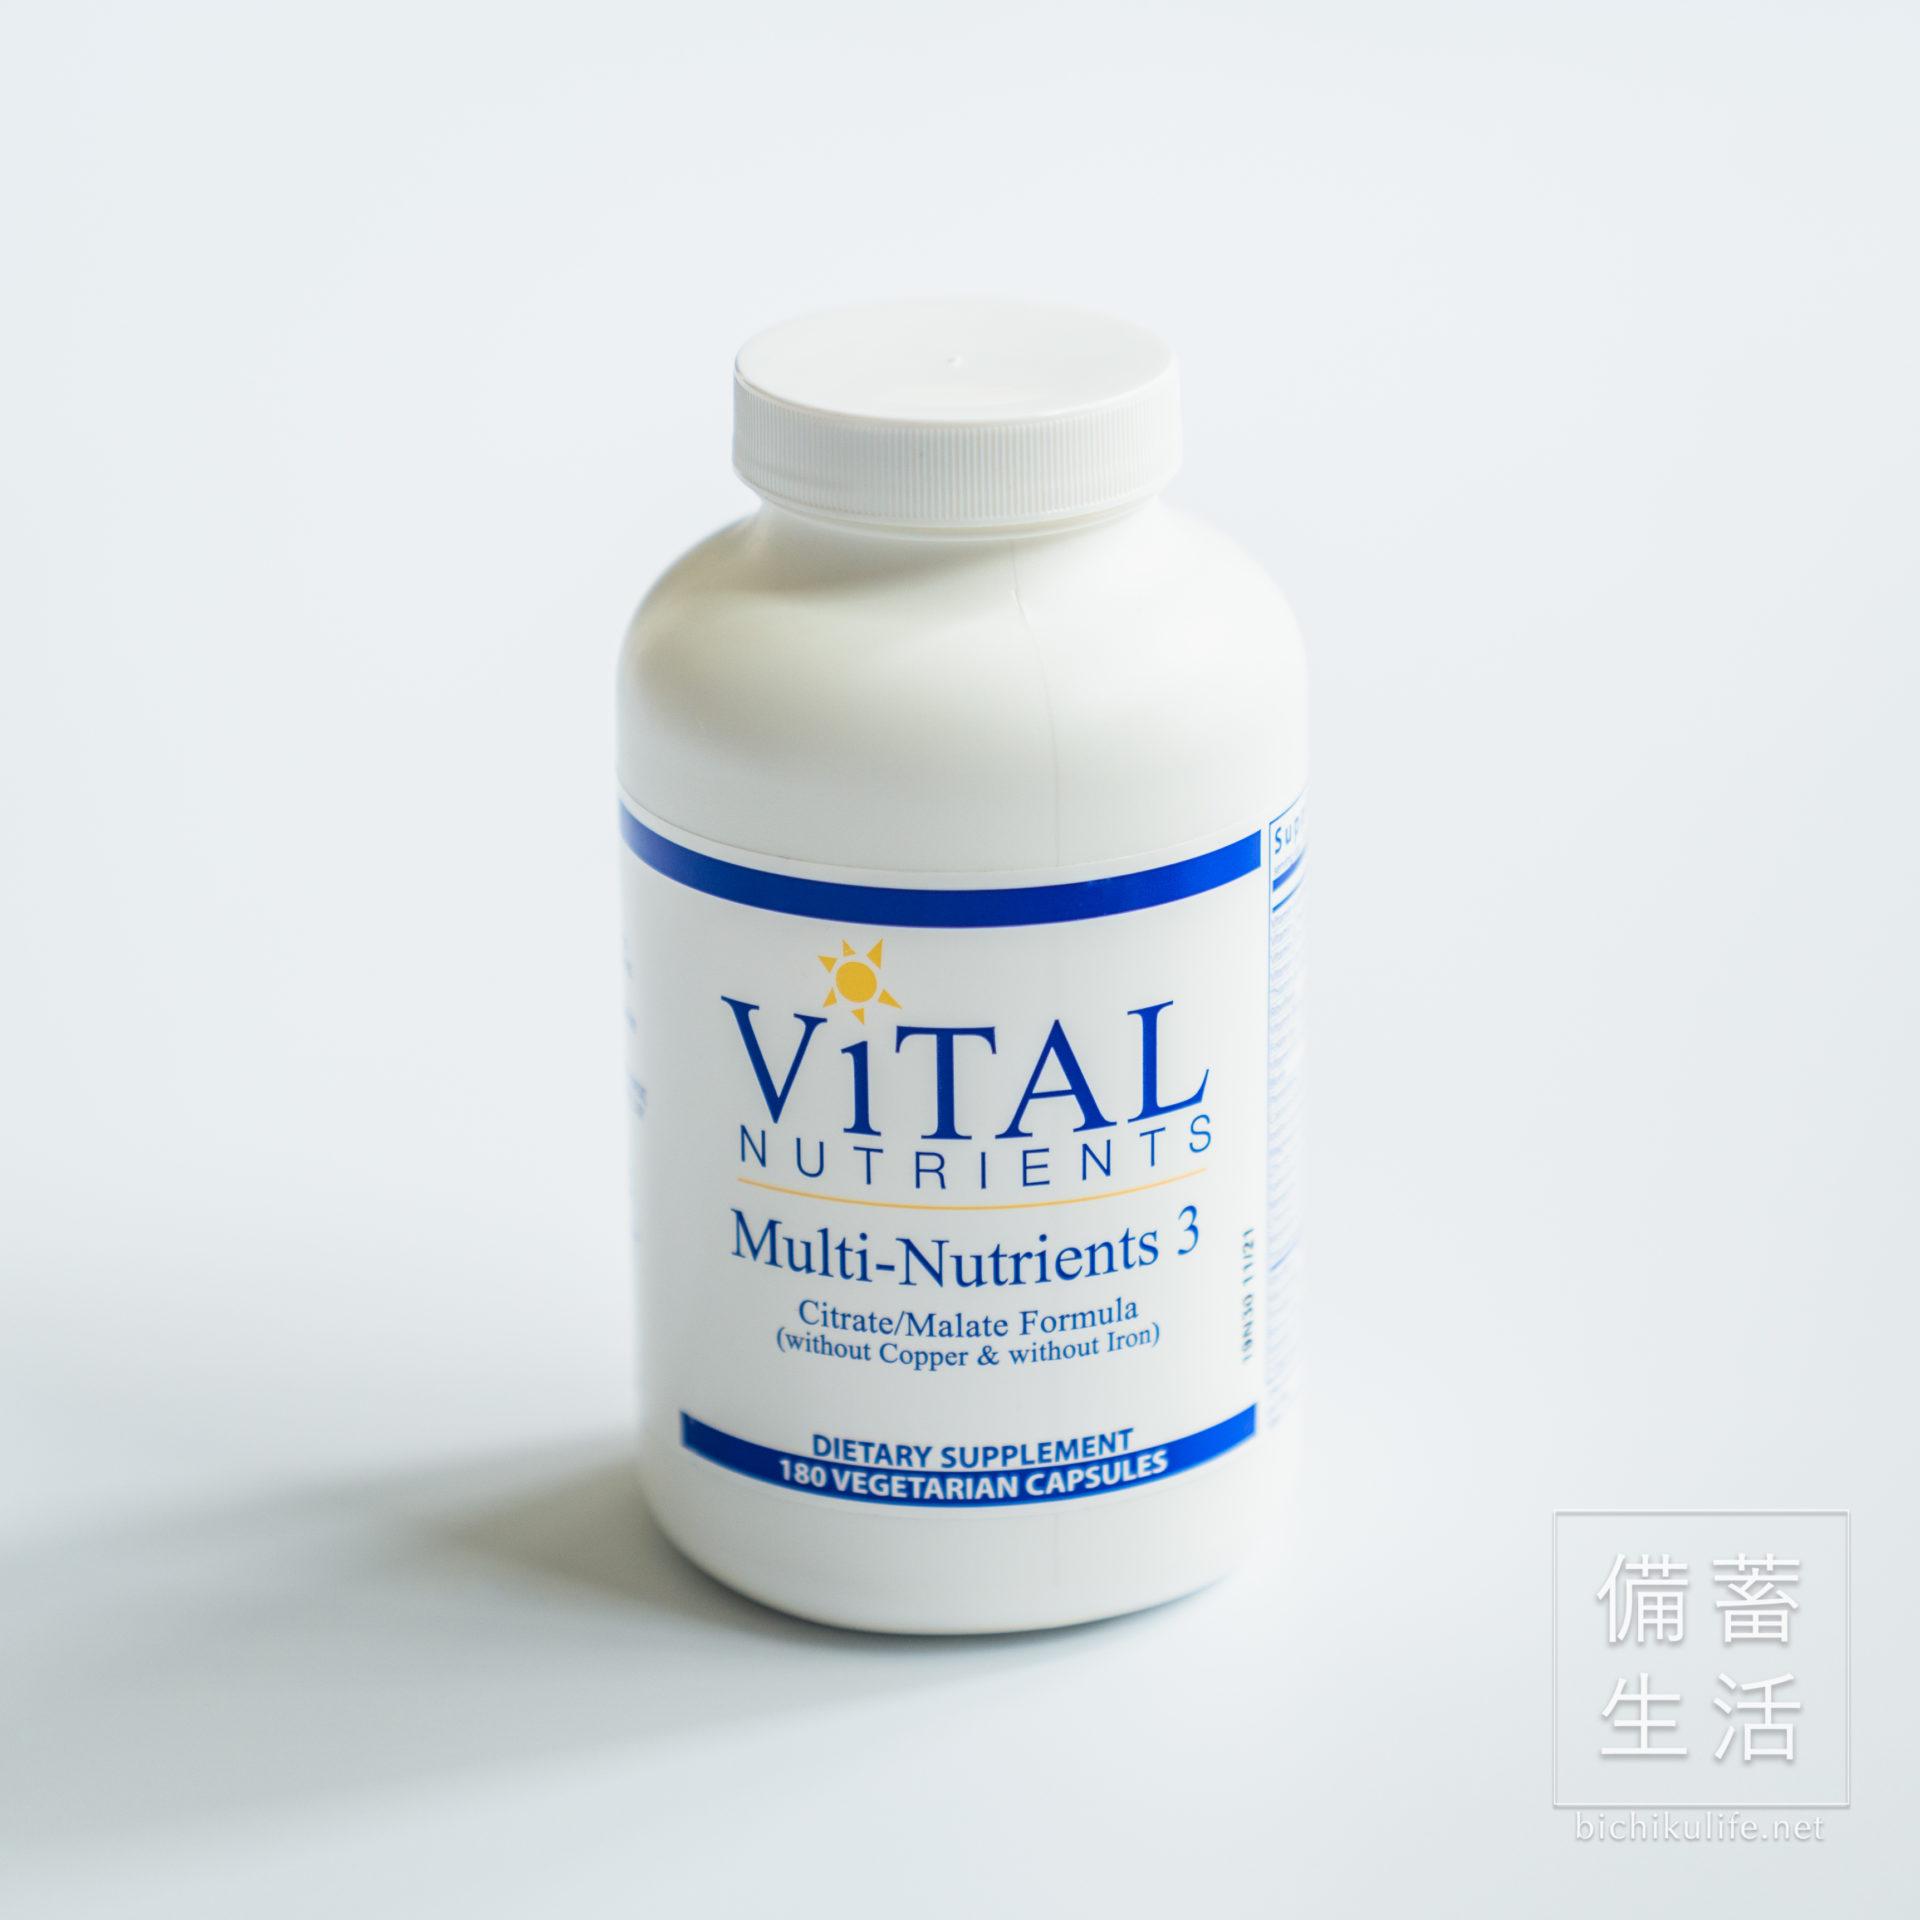 ヴァイタル ニュートリエンツ マルチビタミンミネラル Vital Nutrients Multi-Nutrients 3